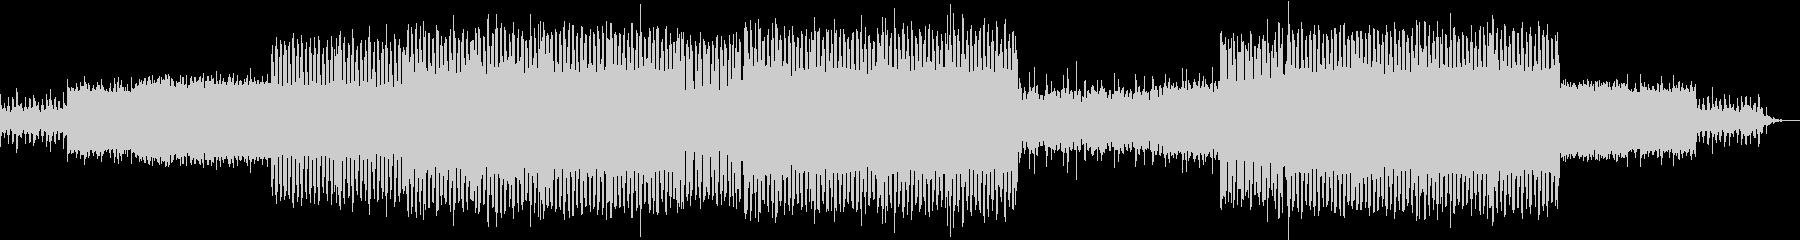 ギラギラしたシンセリードのEDMの未再生の波形